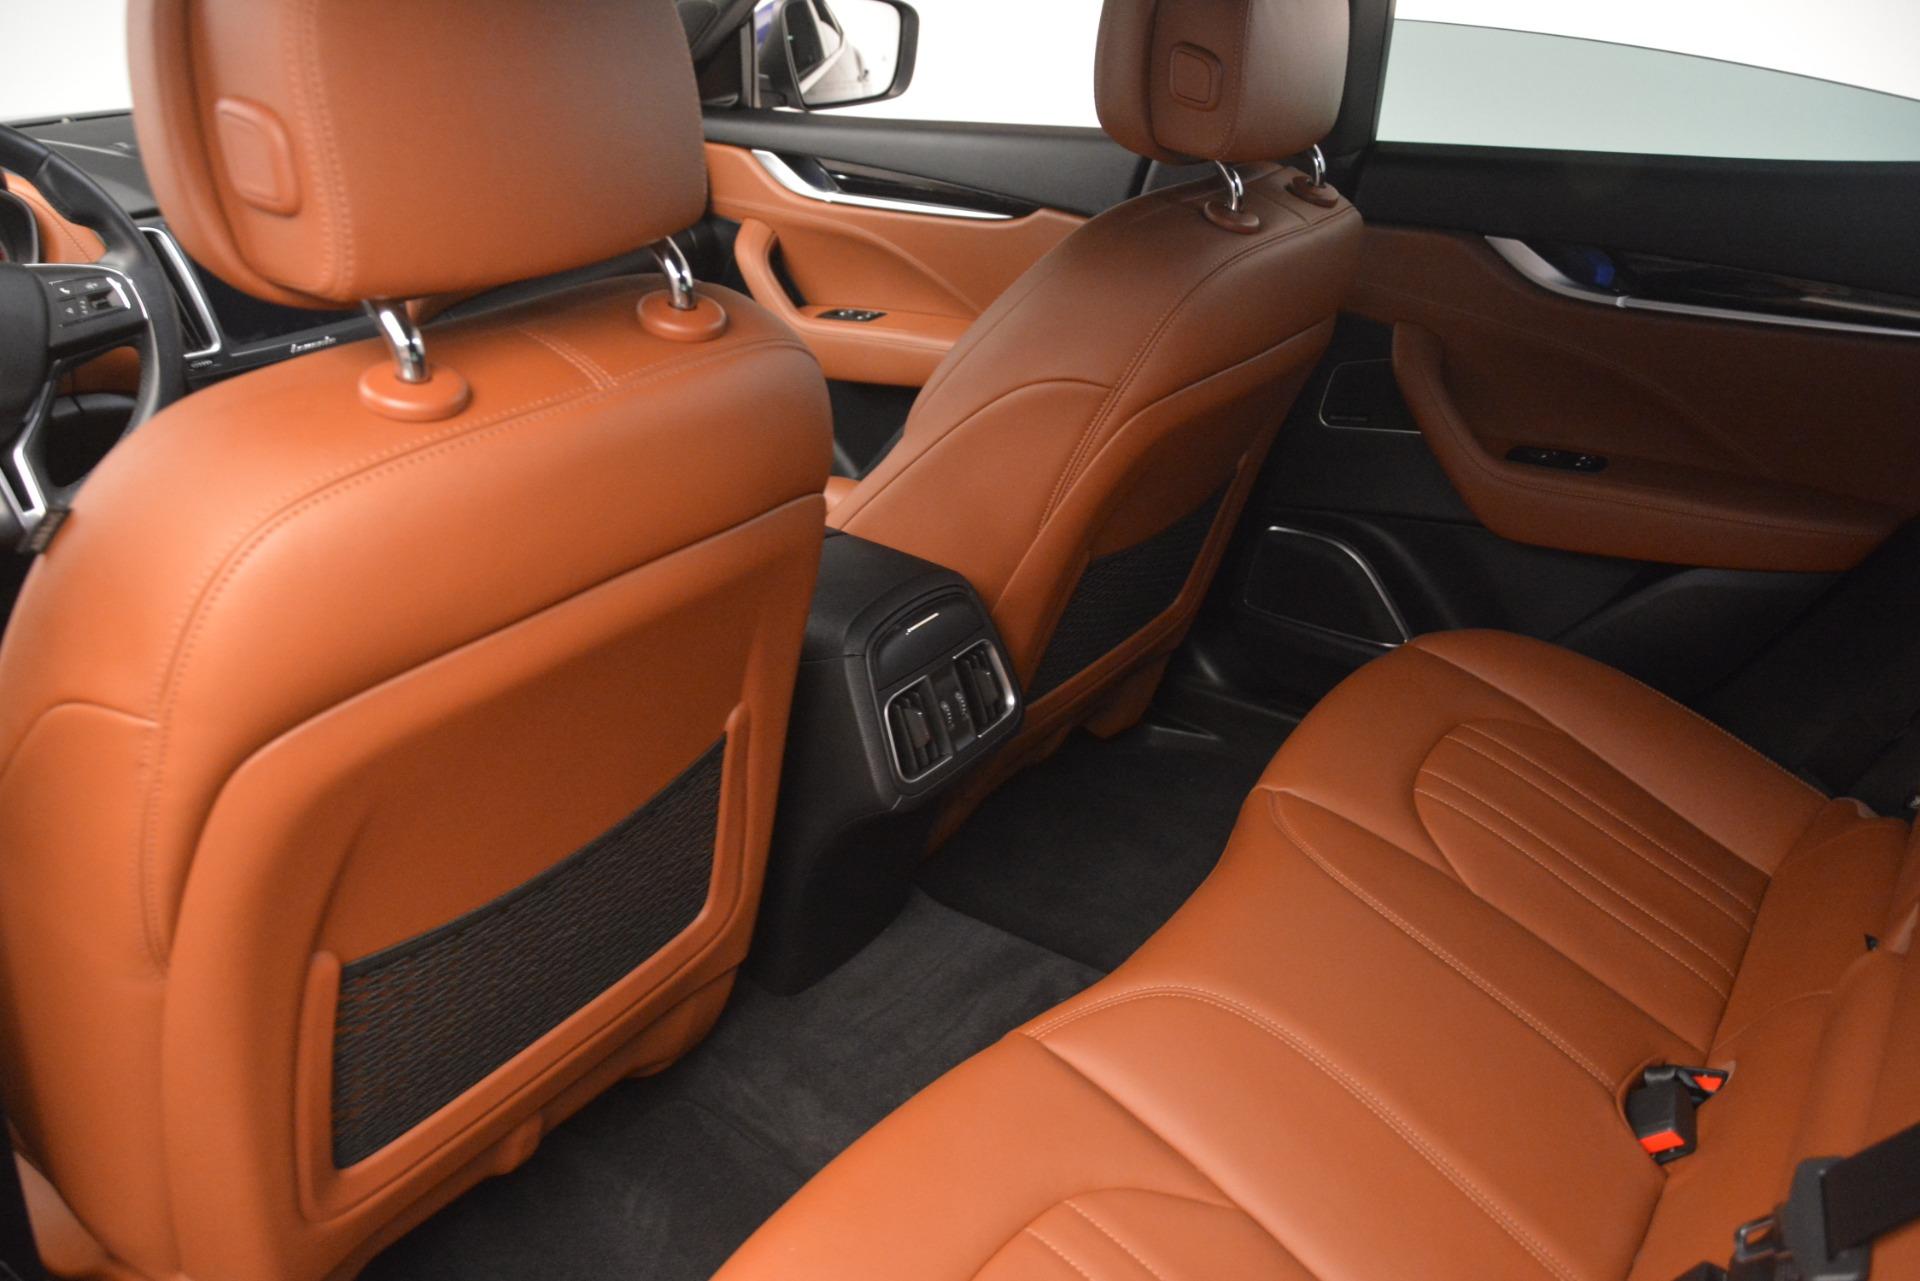 Used 2018 Maserati Levante Q4 For Sale In Westport, CT 2575_p18